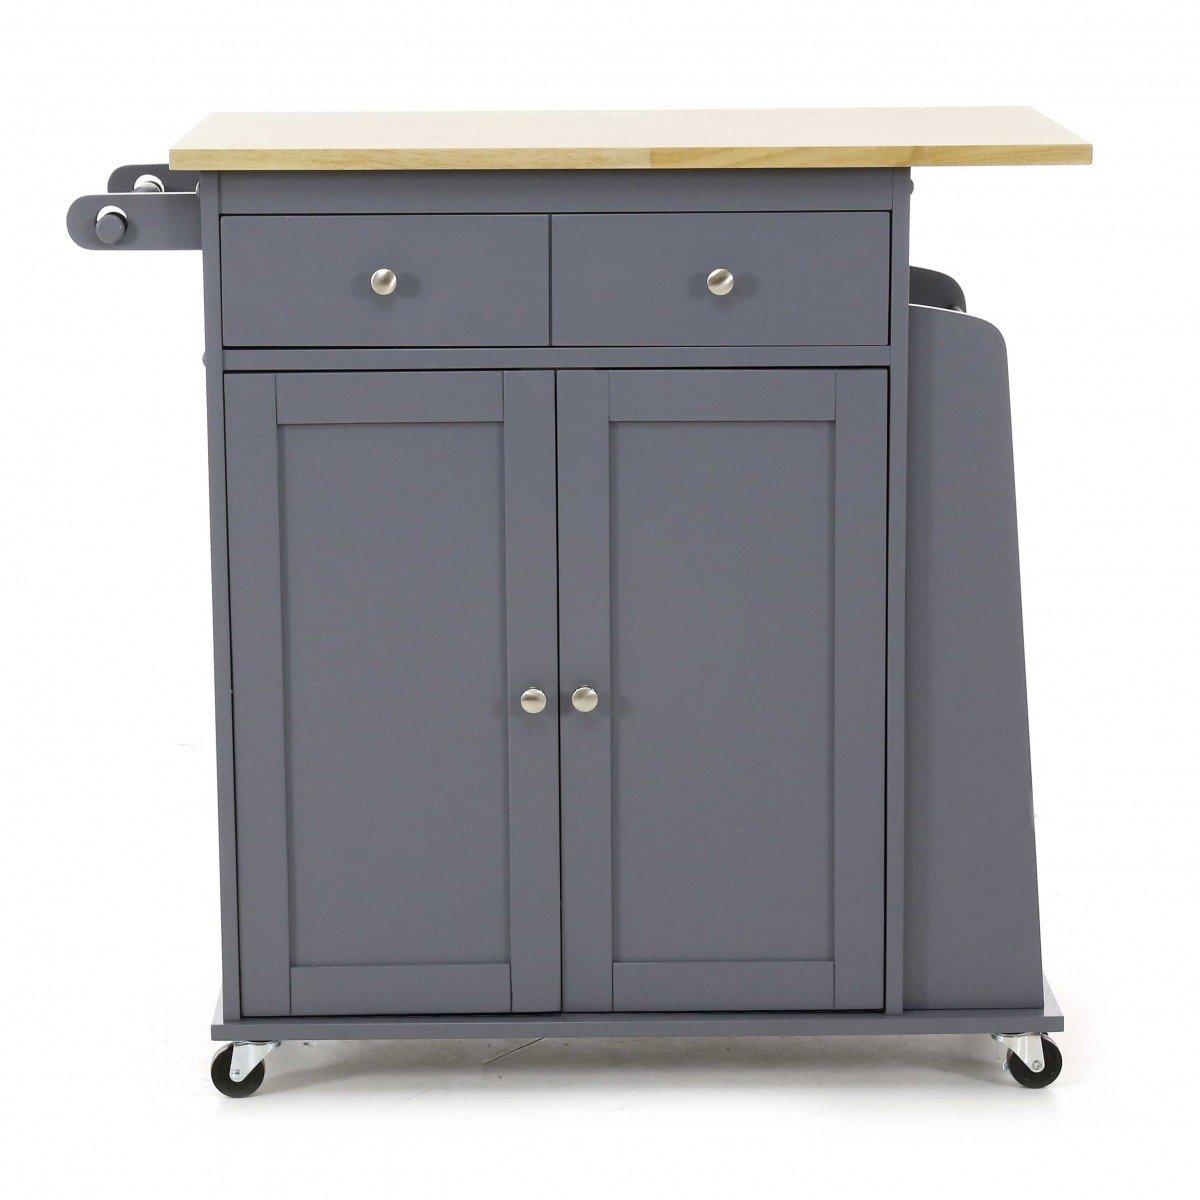 Servierwagen mit Rollen, 2 Türen, Grau-Kitchen Küche, auf Rollen, 2 ...